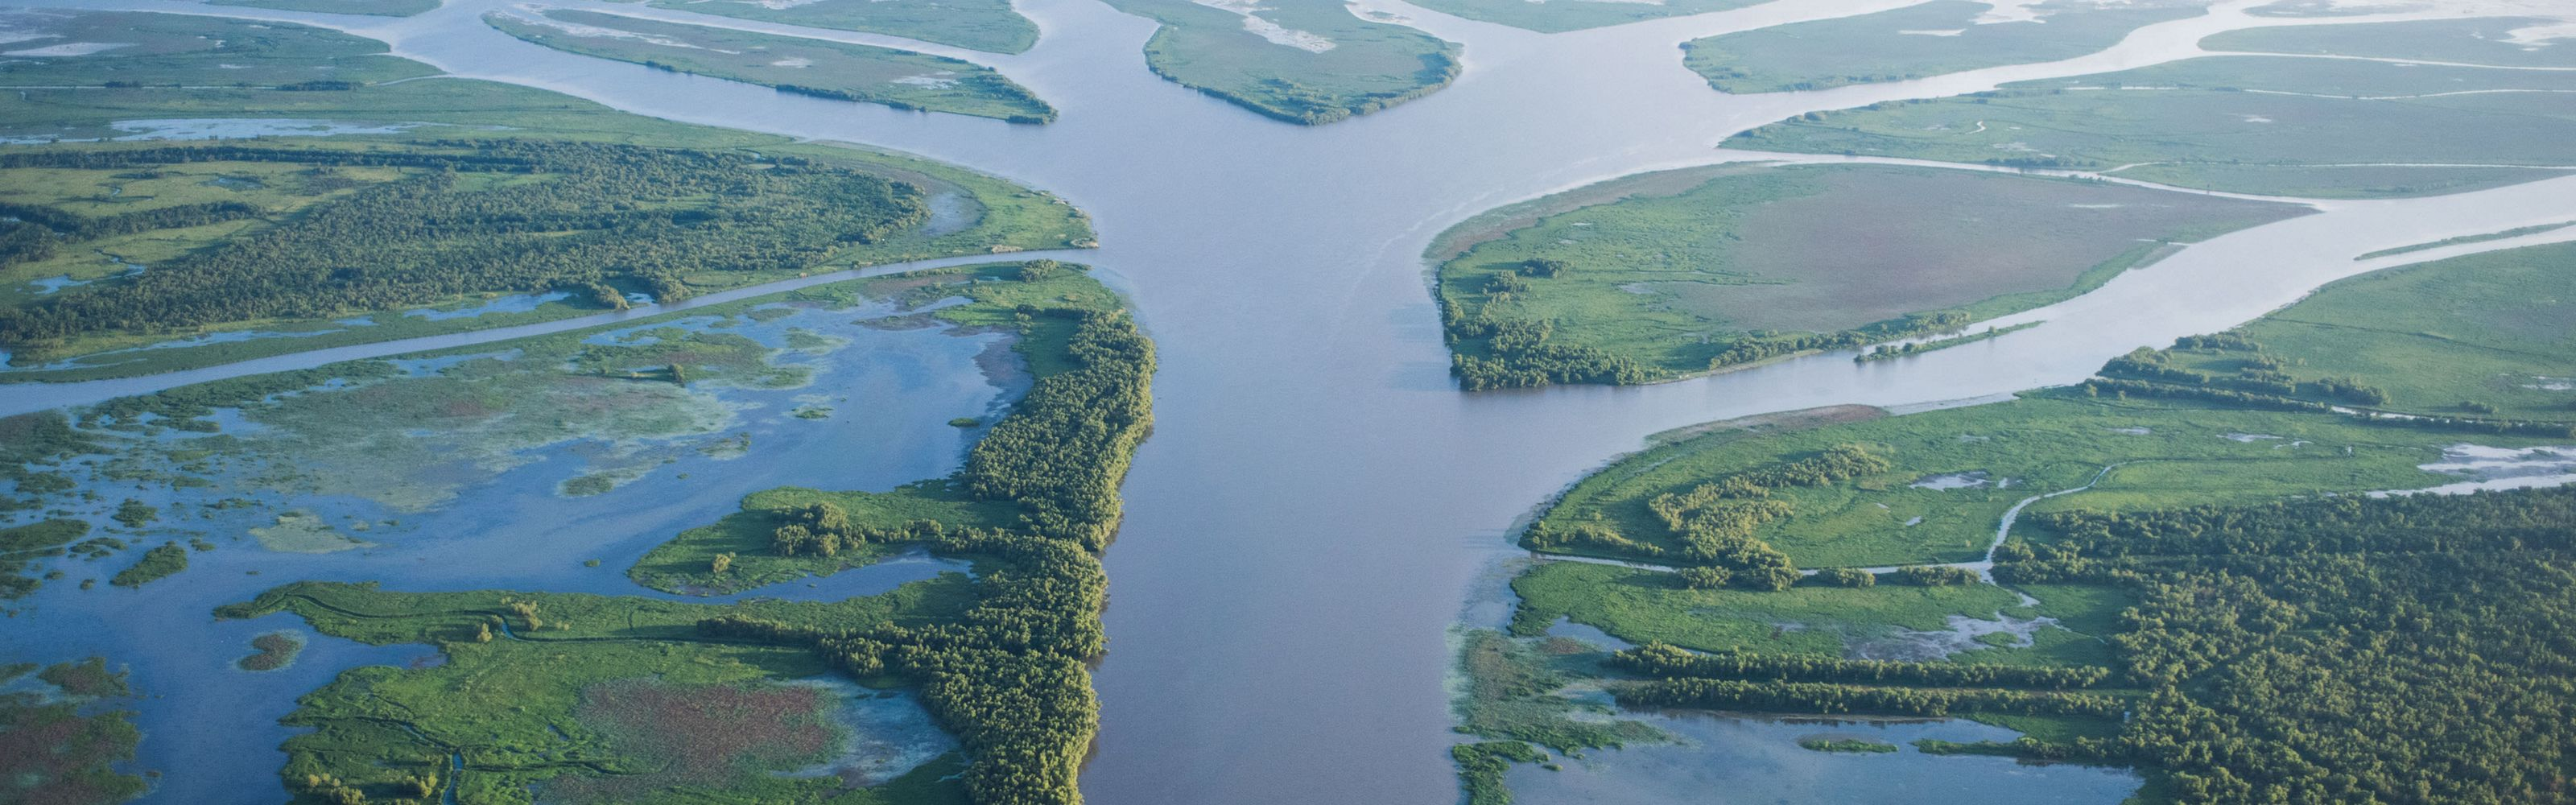 Grand Bay National Wildlife Refuge